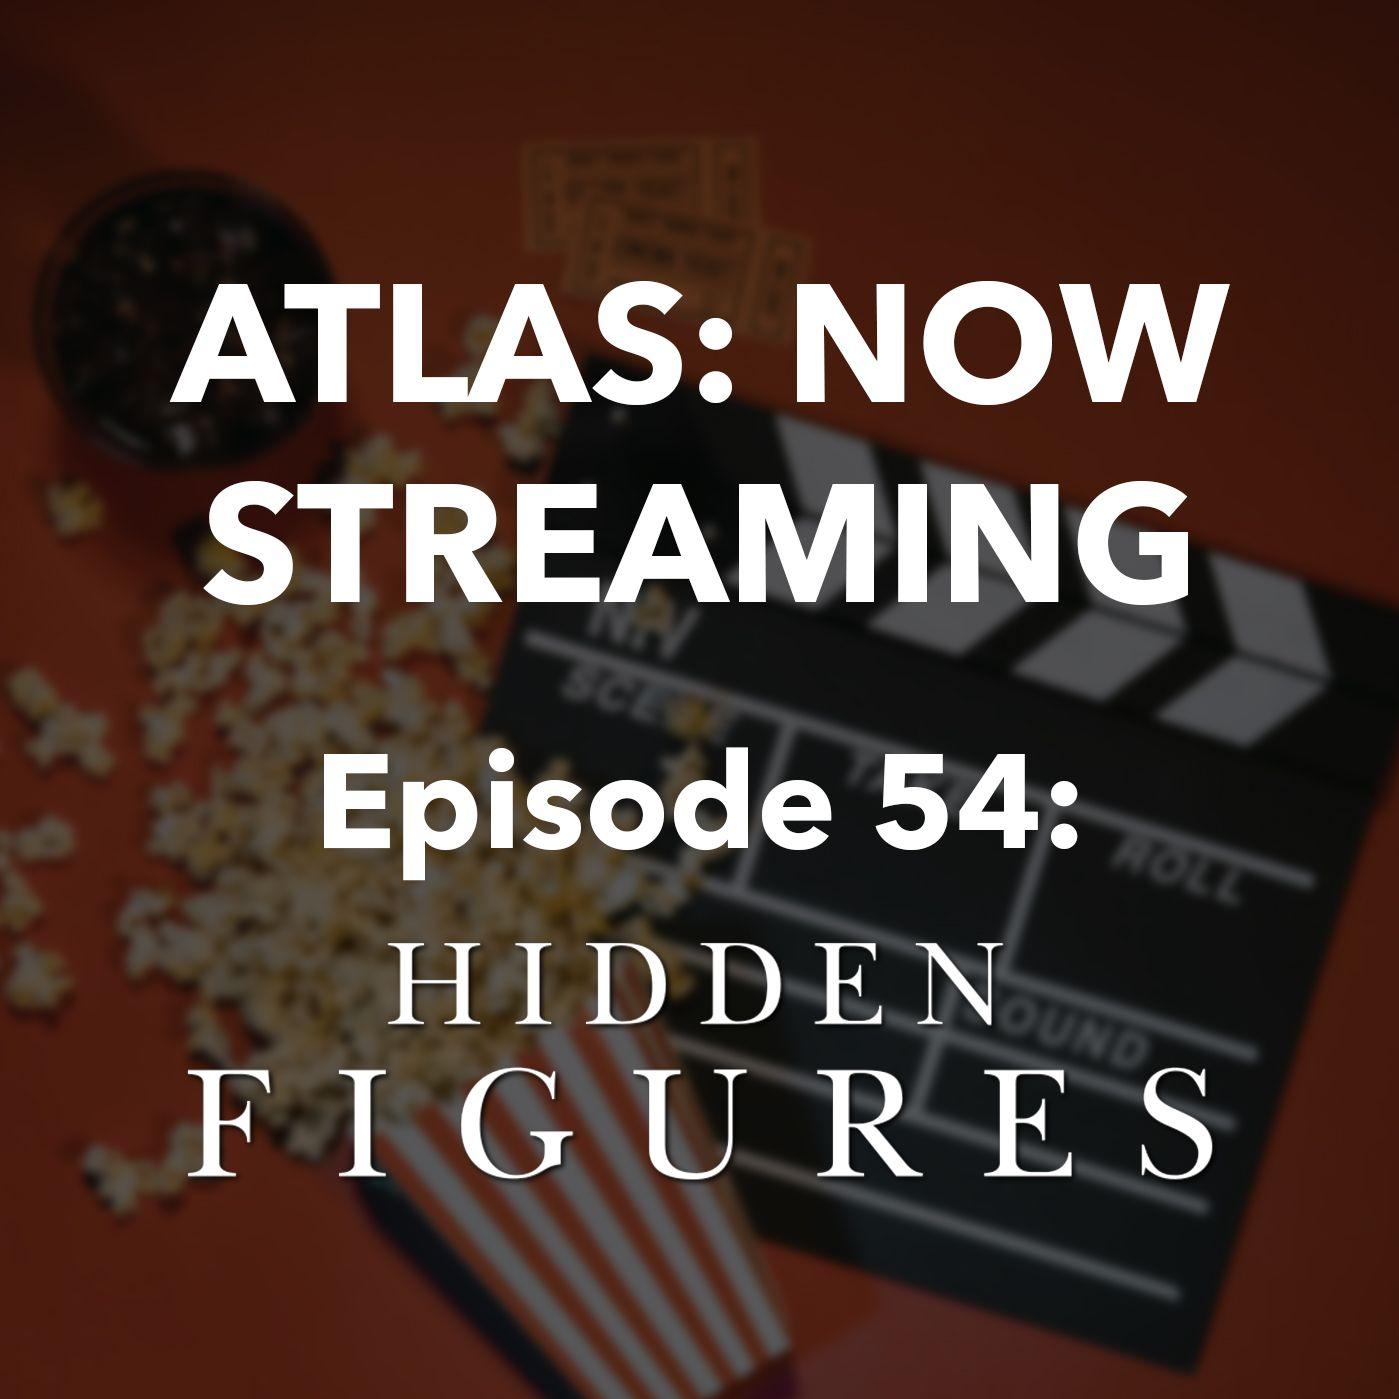 Hidden Figures - Atlas: Now Streaming Episode 54